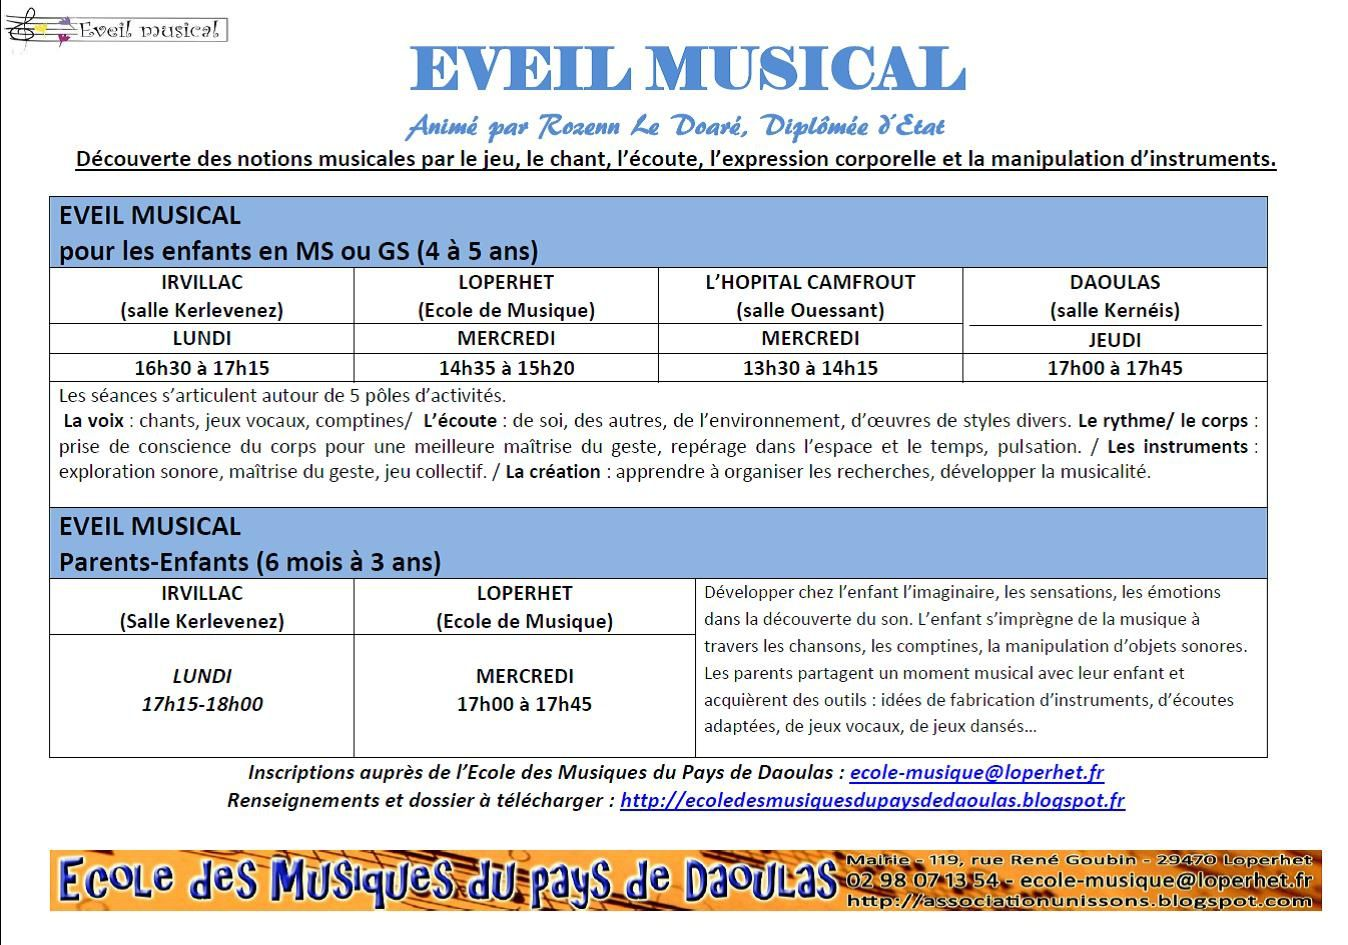 EVEIL MUSICAL PAR L'ECOLE DE MUSIQUE..